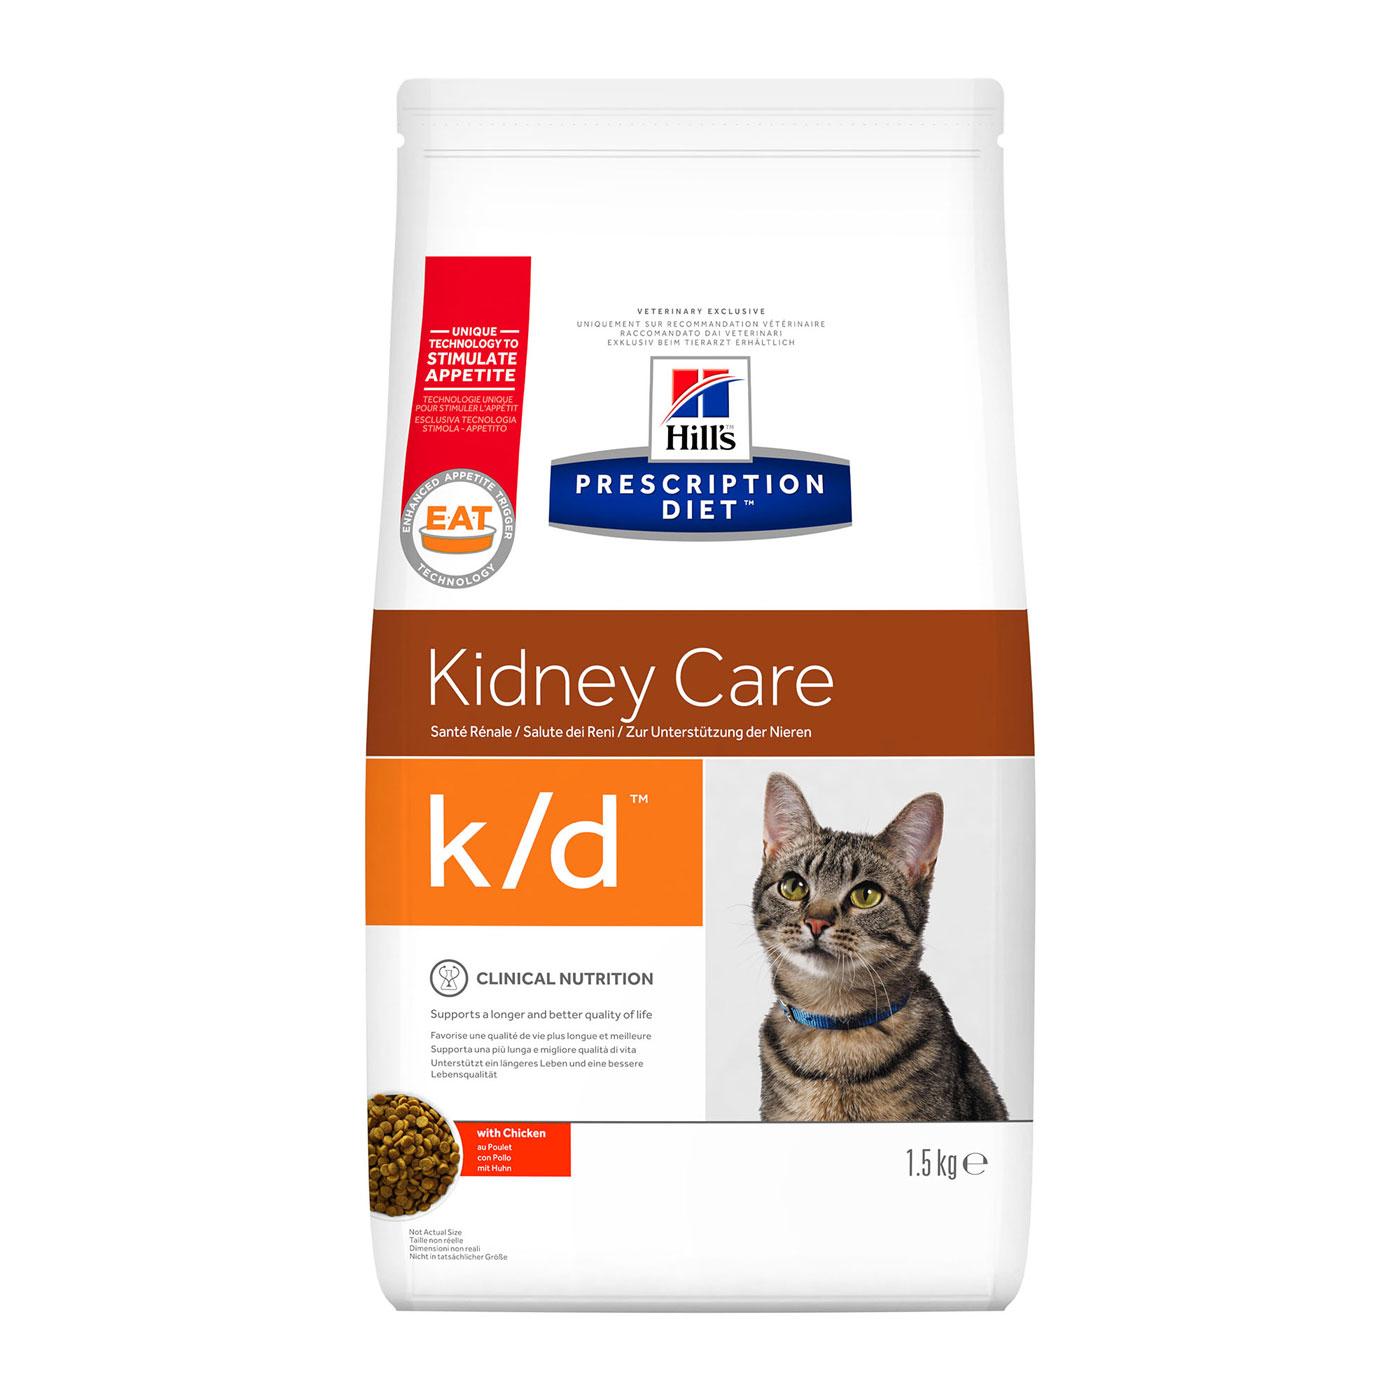 HILL'S PRESCRIPTION DIET K/D KIDNEY CARE – лечебный сухой корм для котов при заболеваниях почек